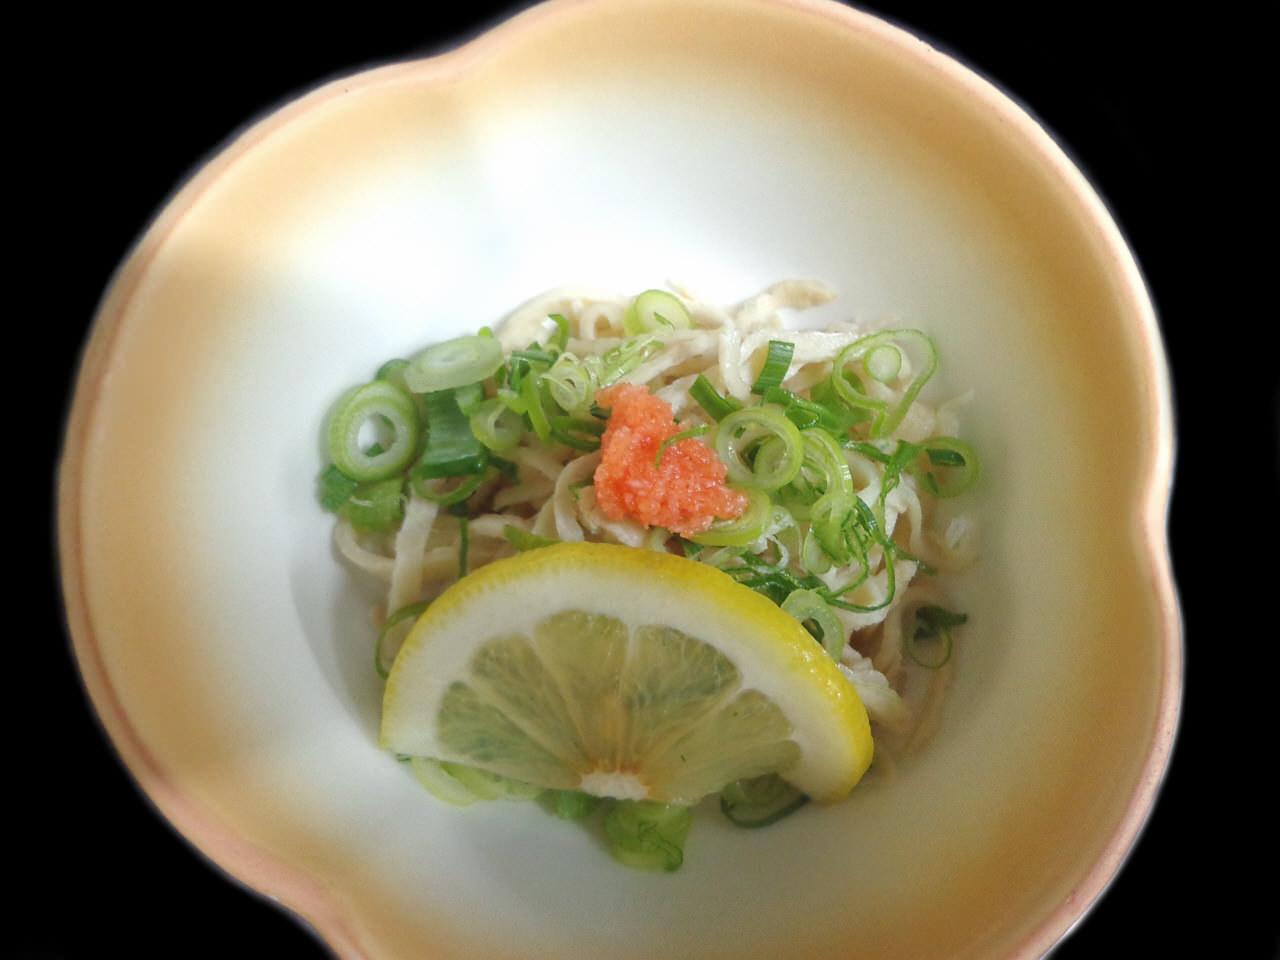 Torisei - Menu: A La Carte2 (Fushimi / Daigo/Chicken Dishes